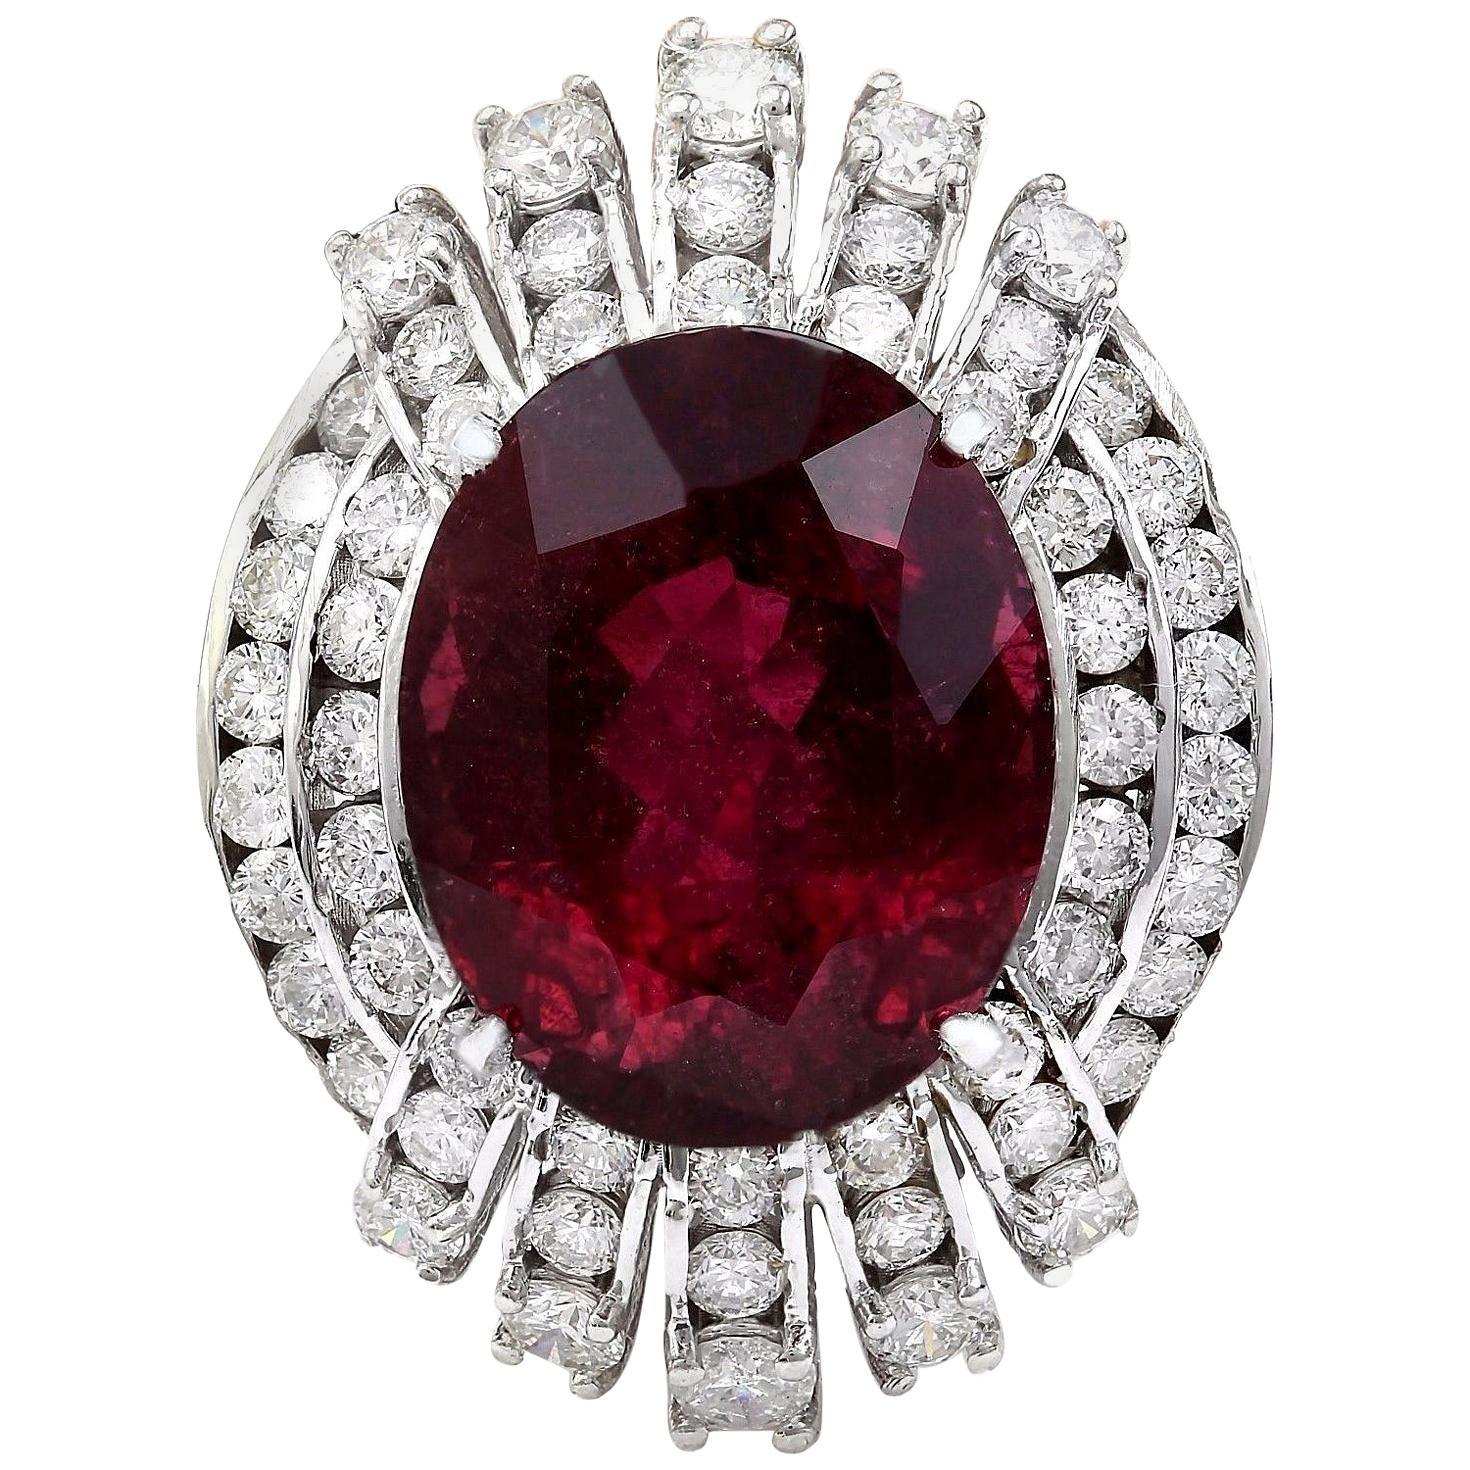 14.20 Carat Tourmaline 18 Karat Solid White Gold Diamond Ring